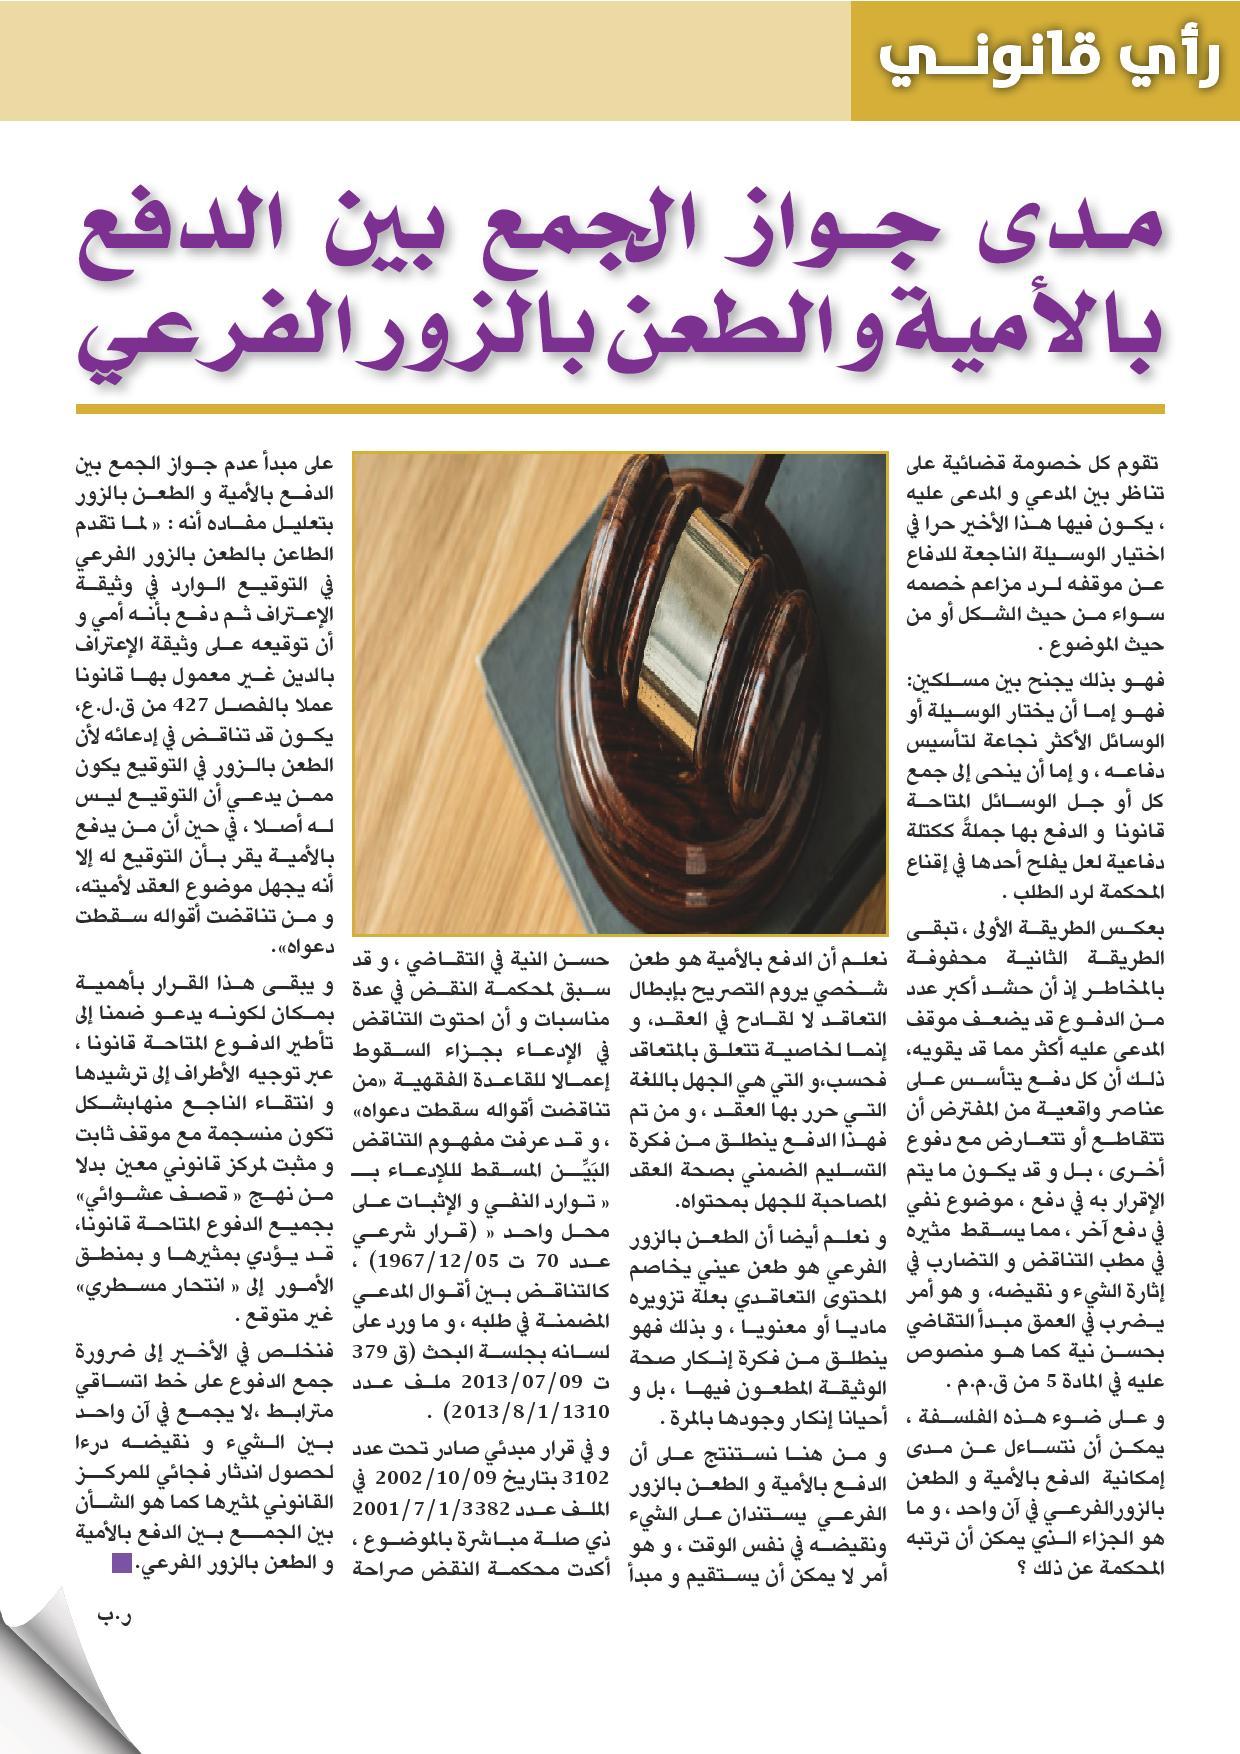 مدى جواز الجمع بين الدفع بالأمية  والطعن بالزور الفرعي بقلم ذ/ رضى بلحسين